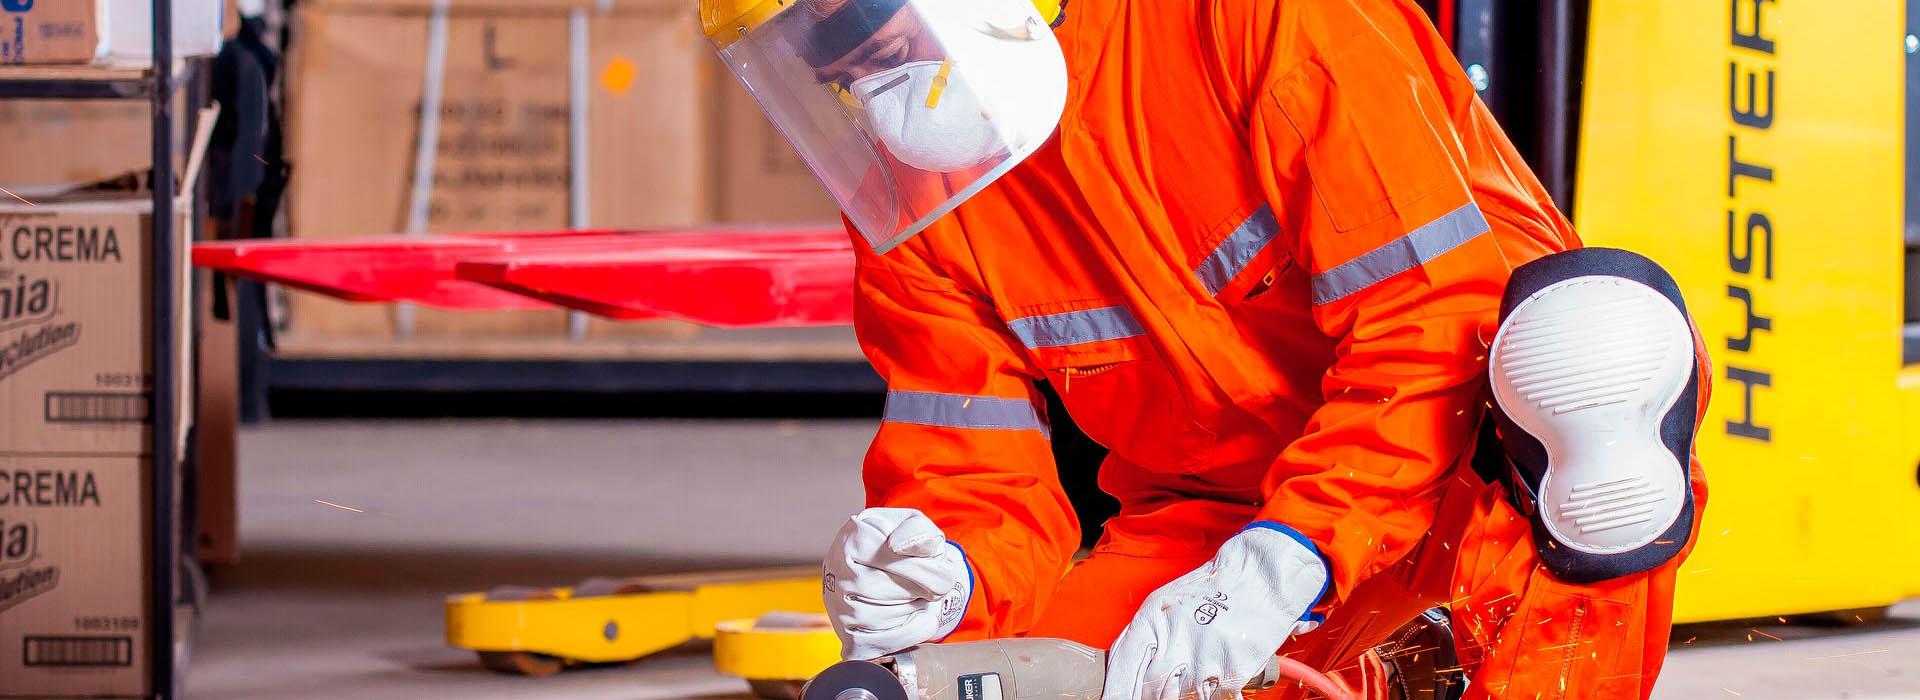 Radnik u zaštitnom odijelu - zaštita na radu